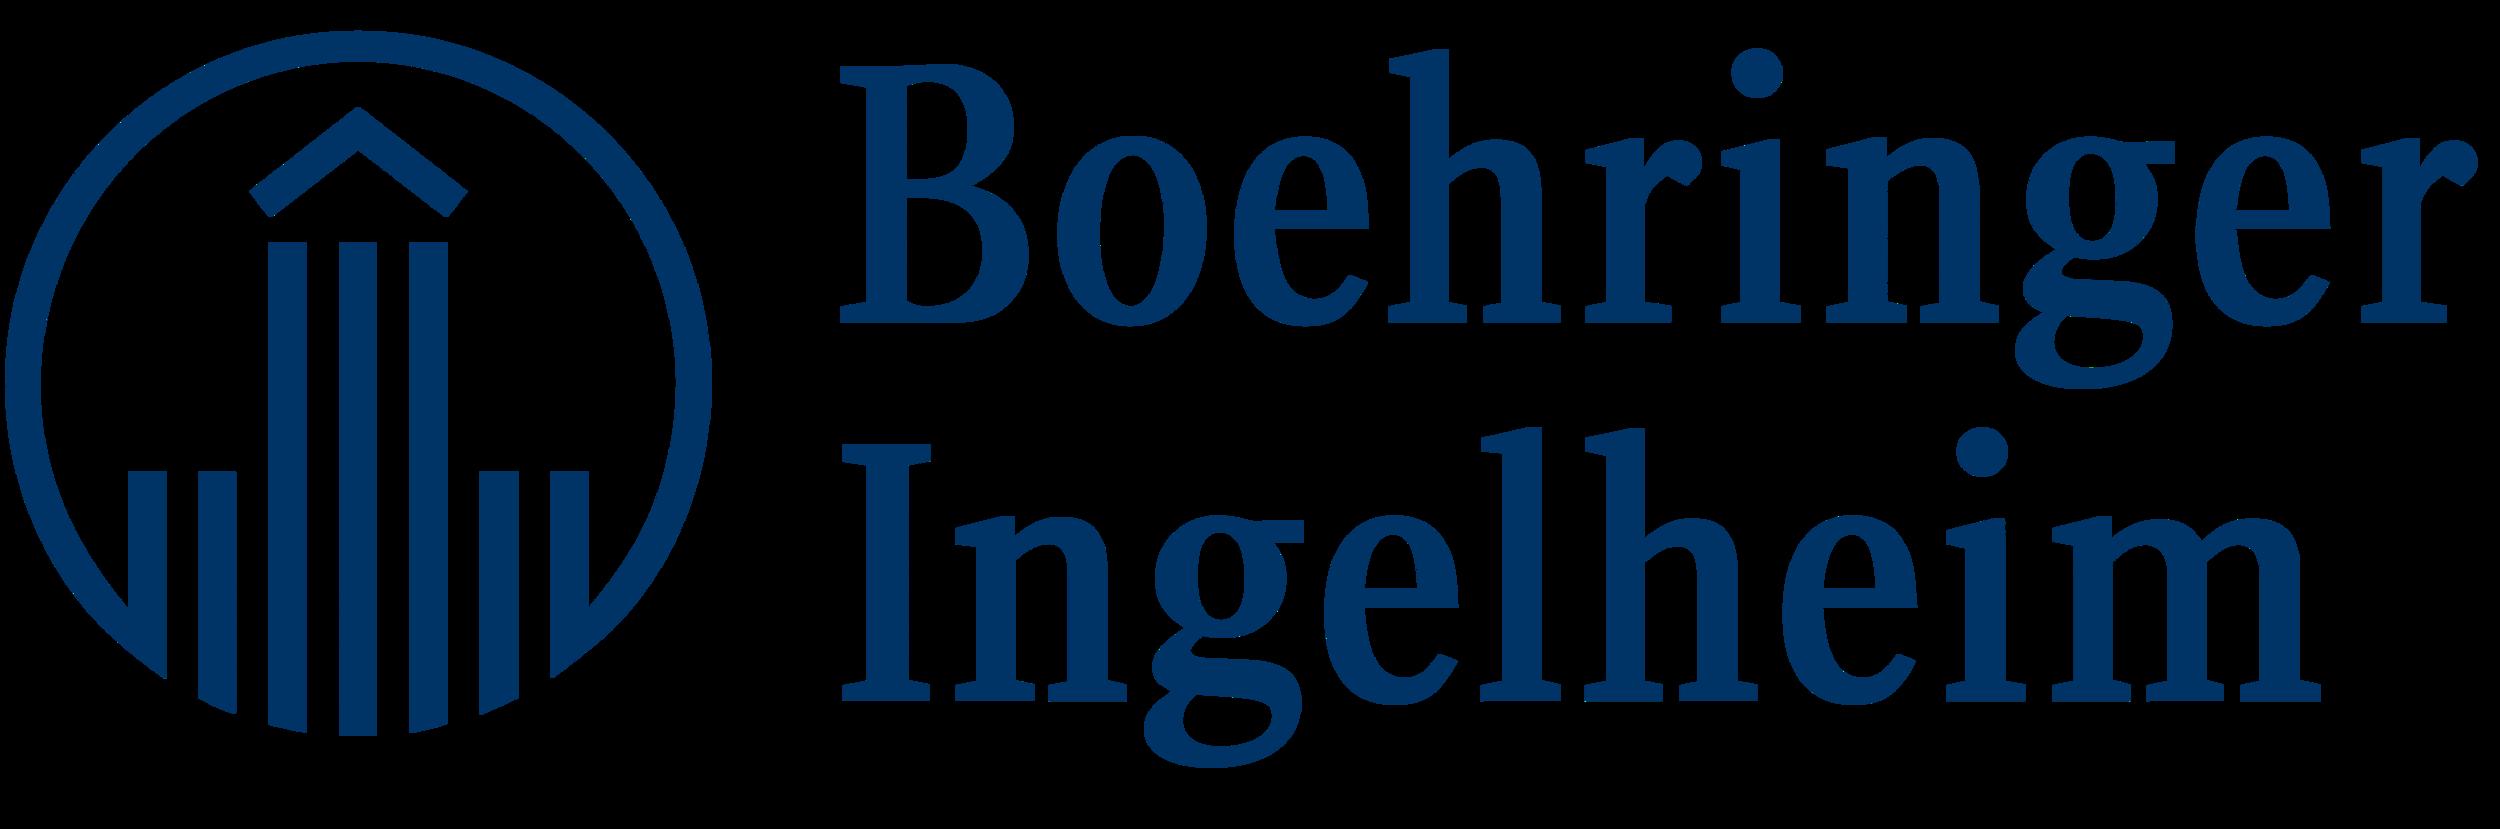 Boehringer_Ingelheim_logo_logotype.png